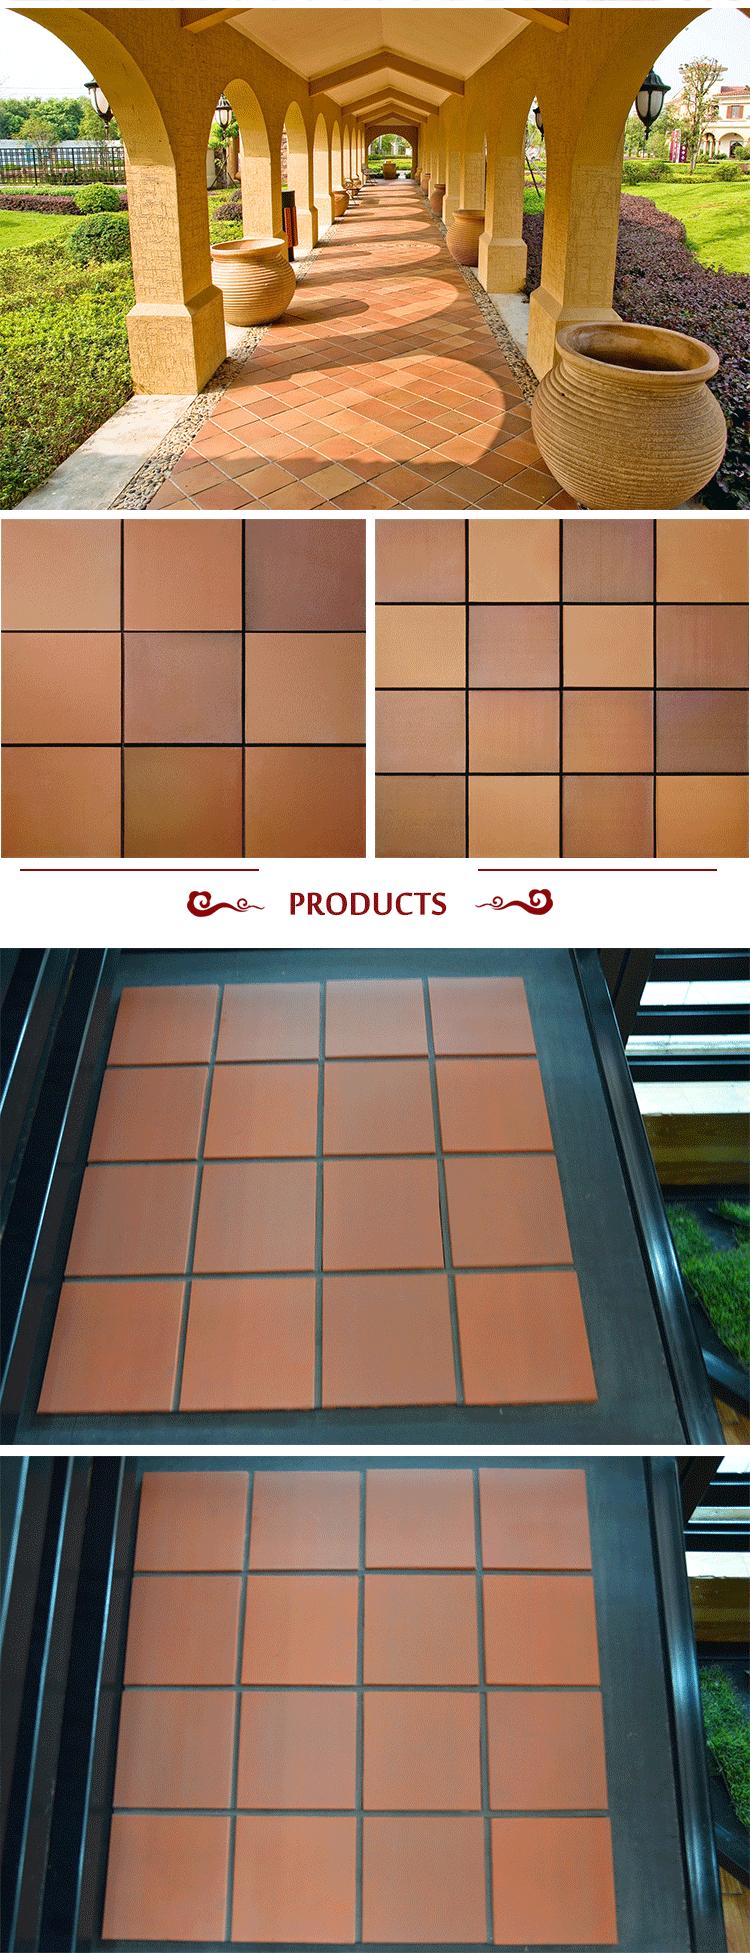 Mpb 004 terracotta outdoor floor tiles for sales in sri lanka mpb 004 terracotta outdoor floor tiles for sales in sri lanka dailygadgetfo Image collections